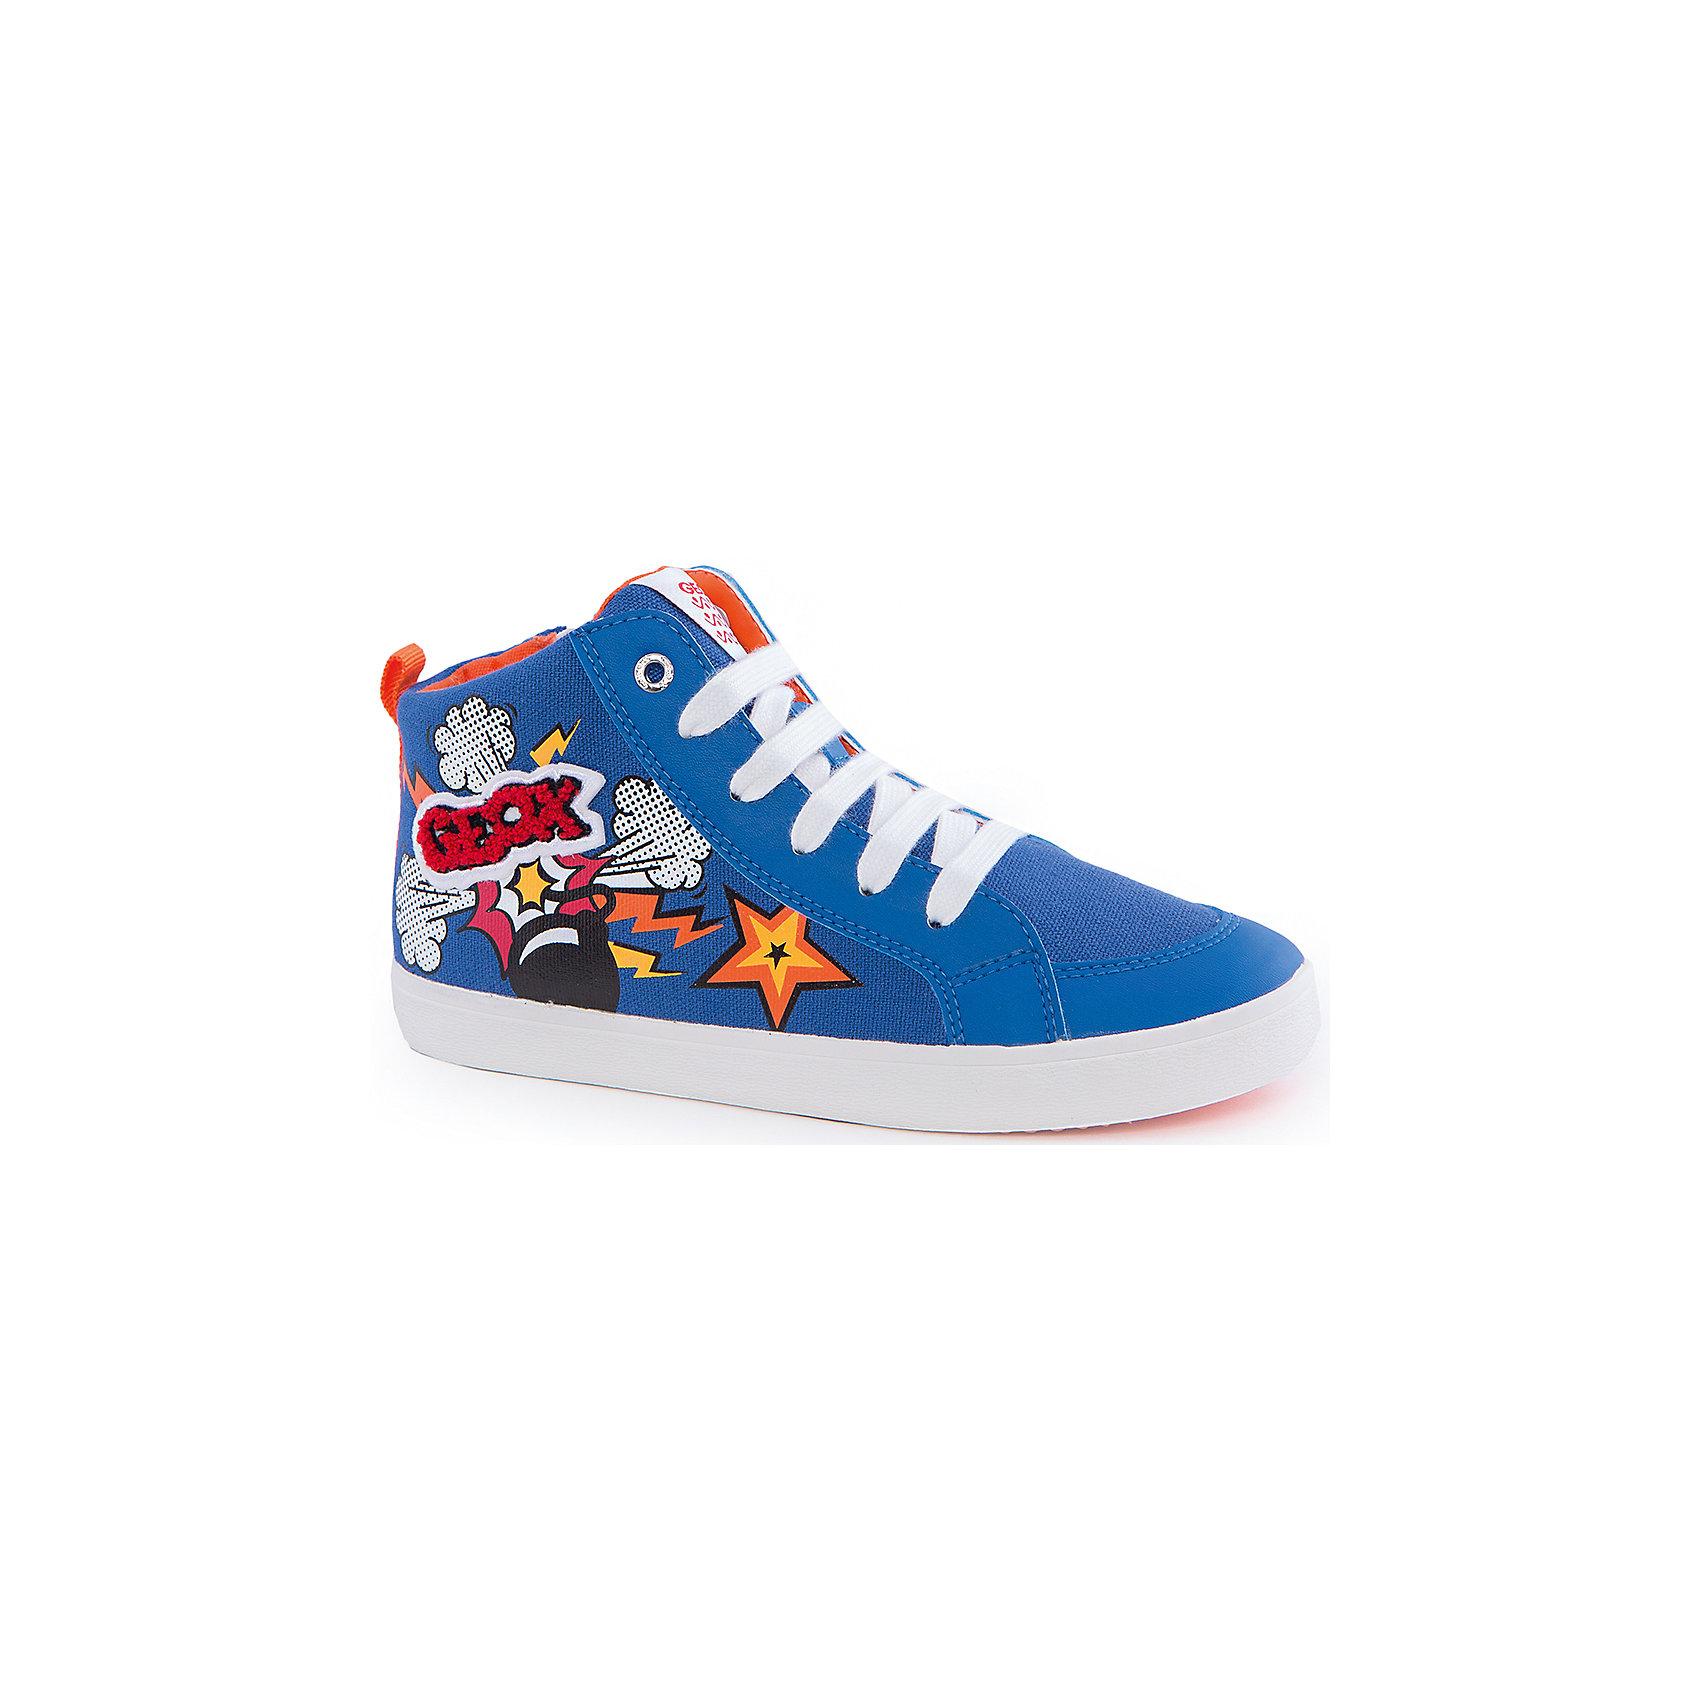 Кеды для мальчика GeoxКеды<br>Кеды для мальчика от популярной марки GEOX (Геокс).<br><br>Легкие синие Кеды - отличная выбор обуви для весны и лета! Модель очень стильно и оригинально смотрится.<br>Производитель обуви заботится не только о внешнем виде, но и стабильно высоком качестве продукции. GEOX (Геокс) разработал специальную дышащую подошву, которая не пропускает влагу внутрь, а также высокотехнологичную стельку.<br><br>Отличительные особенности модели:<br><br>- цвет: синий;<br>- декорированы ярким принтом и аппликацией;<br>- гибкая водоотталкивающая подошва с дышащей мембраной;<br>- мягкий и легкий верх;<br>- защита пальцев ;<br>- стильный дизайн;<br>- удобная шнуровка, молния;<br>- комфортное облегание;<br>- верх обуви и подкладка сделаны без использования хрома.<br><br>Дополнительная информация:<br><br>- Температурный режим: от +10° С до 25° С.<br><br>- Состав:<br><br>материал верха: текстиль, синтетический материал<br>материал подкладки: текстиль<br>подошва: 100% резина<br><br>Кеды для мальчика GEOX (Геокс) (Геокс) можно купить в нашем магазине.<br><br>Ширина мм: 250<br>Глубина мм: 150<br>Высота мм: 150<br>Вес г: 250<br>Цвет: синий<br>Возраст от месяцев: 156<br>Возраст до месяцев: 168<br>Пол: Мужской<br>Возраст: Детский<br>Размер: 37,36,35,34,33,31,30,29,32,28,38,39<br>SKU: 4519289